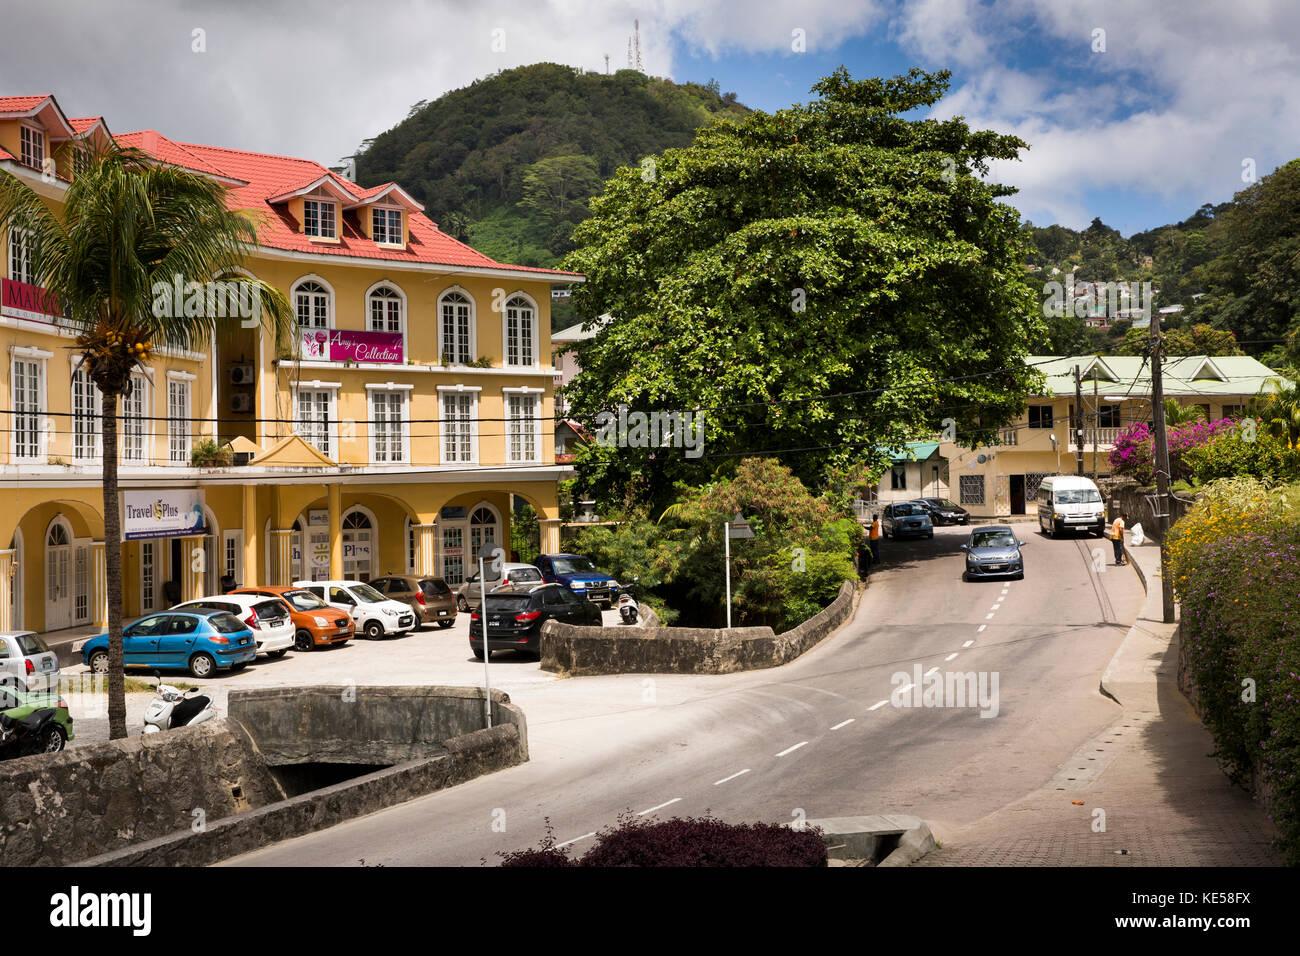 Die Seychellen, Mahe, Victoria, Olivier maradan Straße, Geschäfte Stockbild